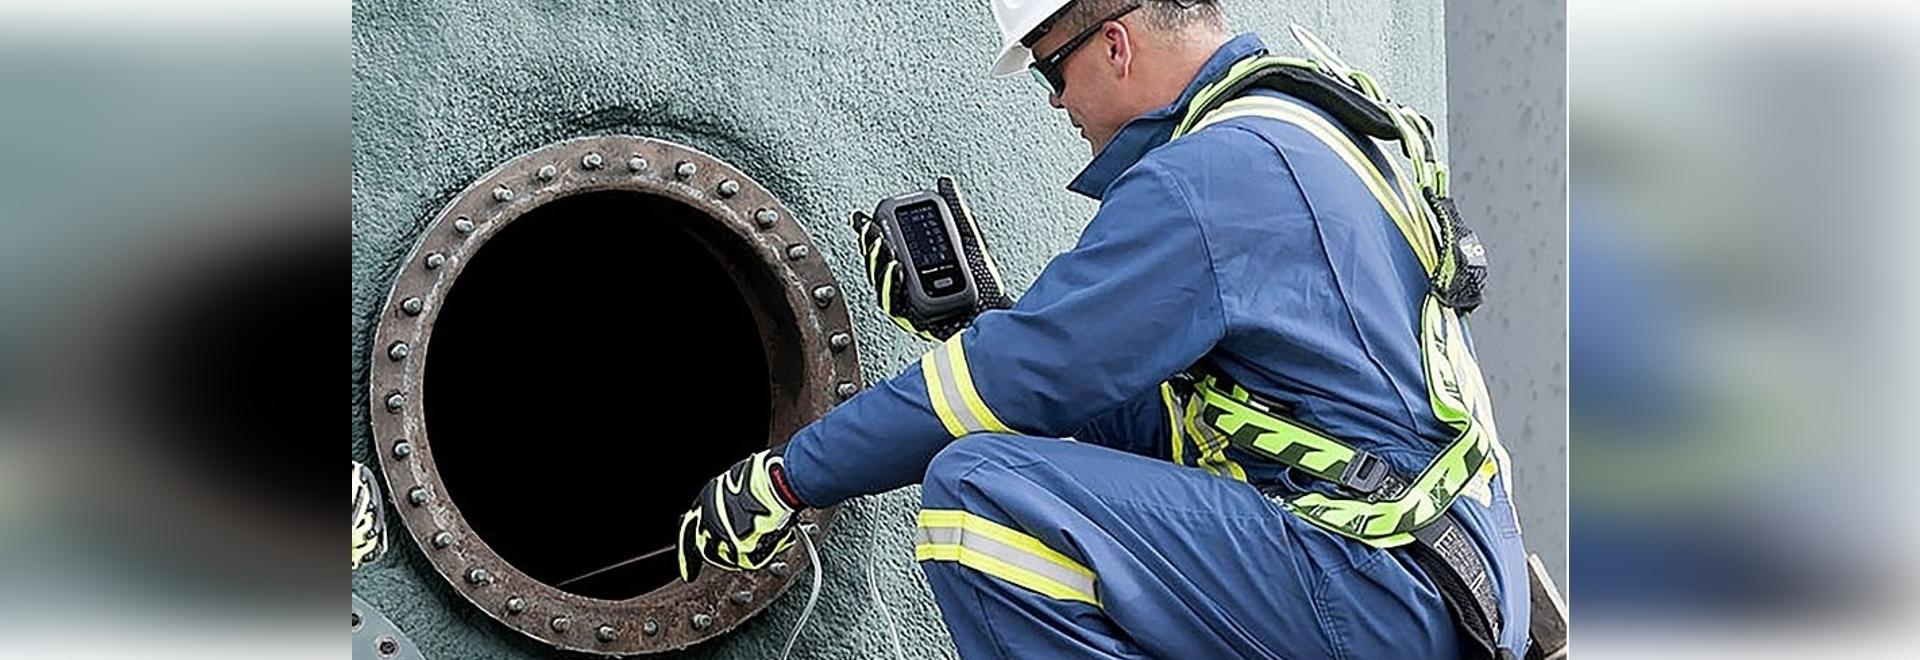 Regelmäßige Prüfungen der Luftqualität in geschlossenen Räumen identifizieren neue Gefahren